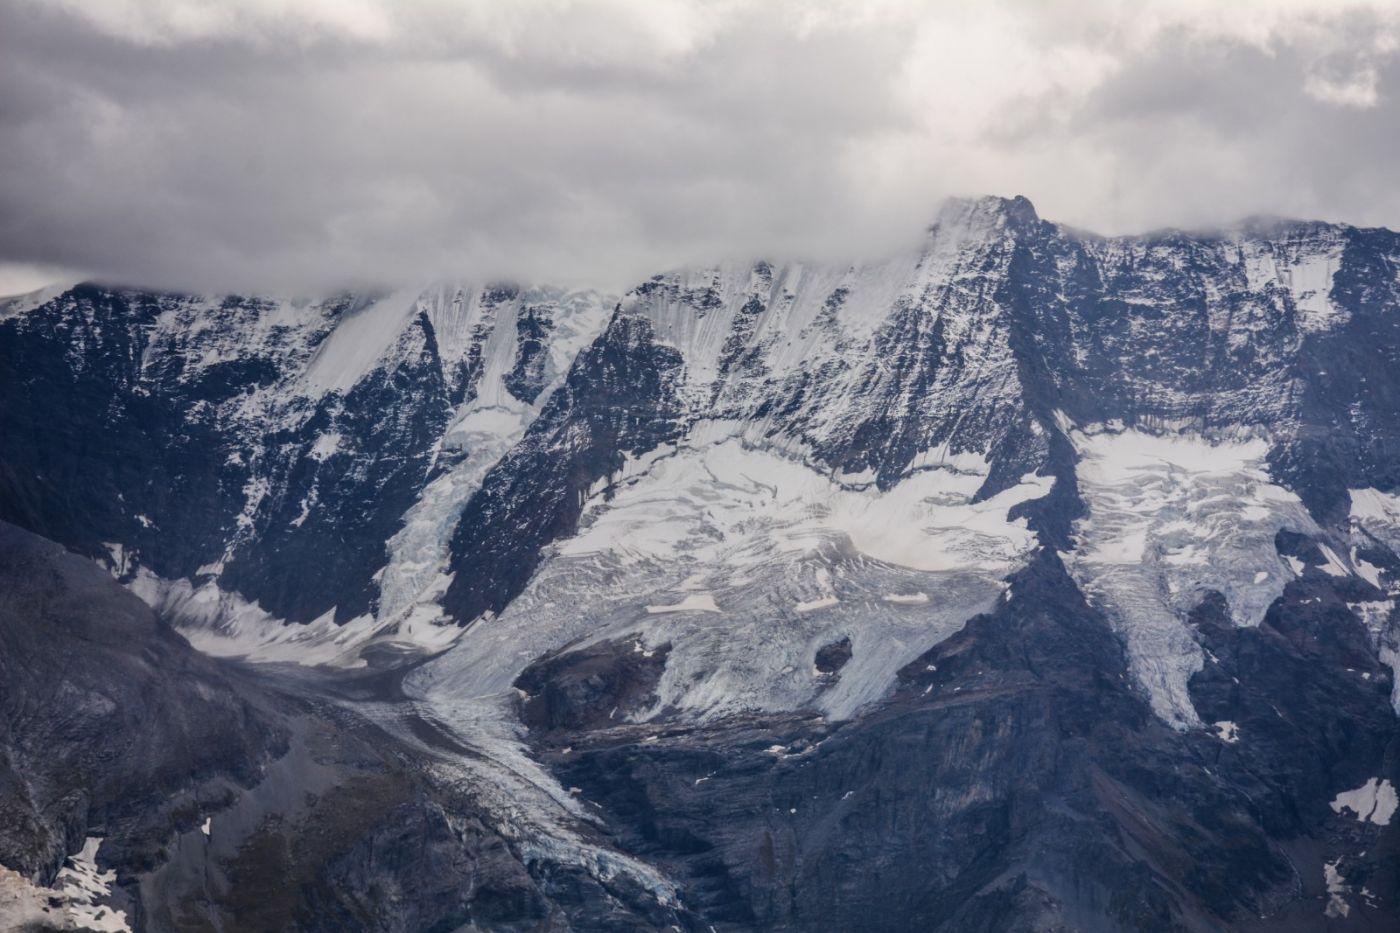 登上阿尔卑斯山遥望少女、勃朗峰_图1-18